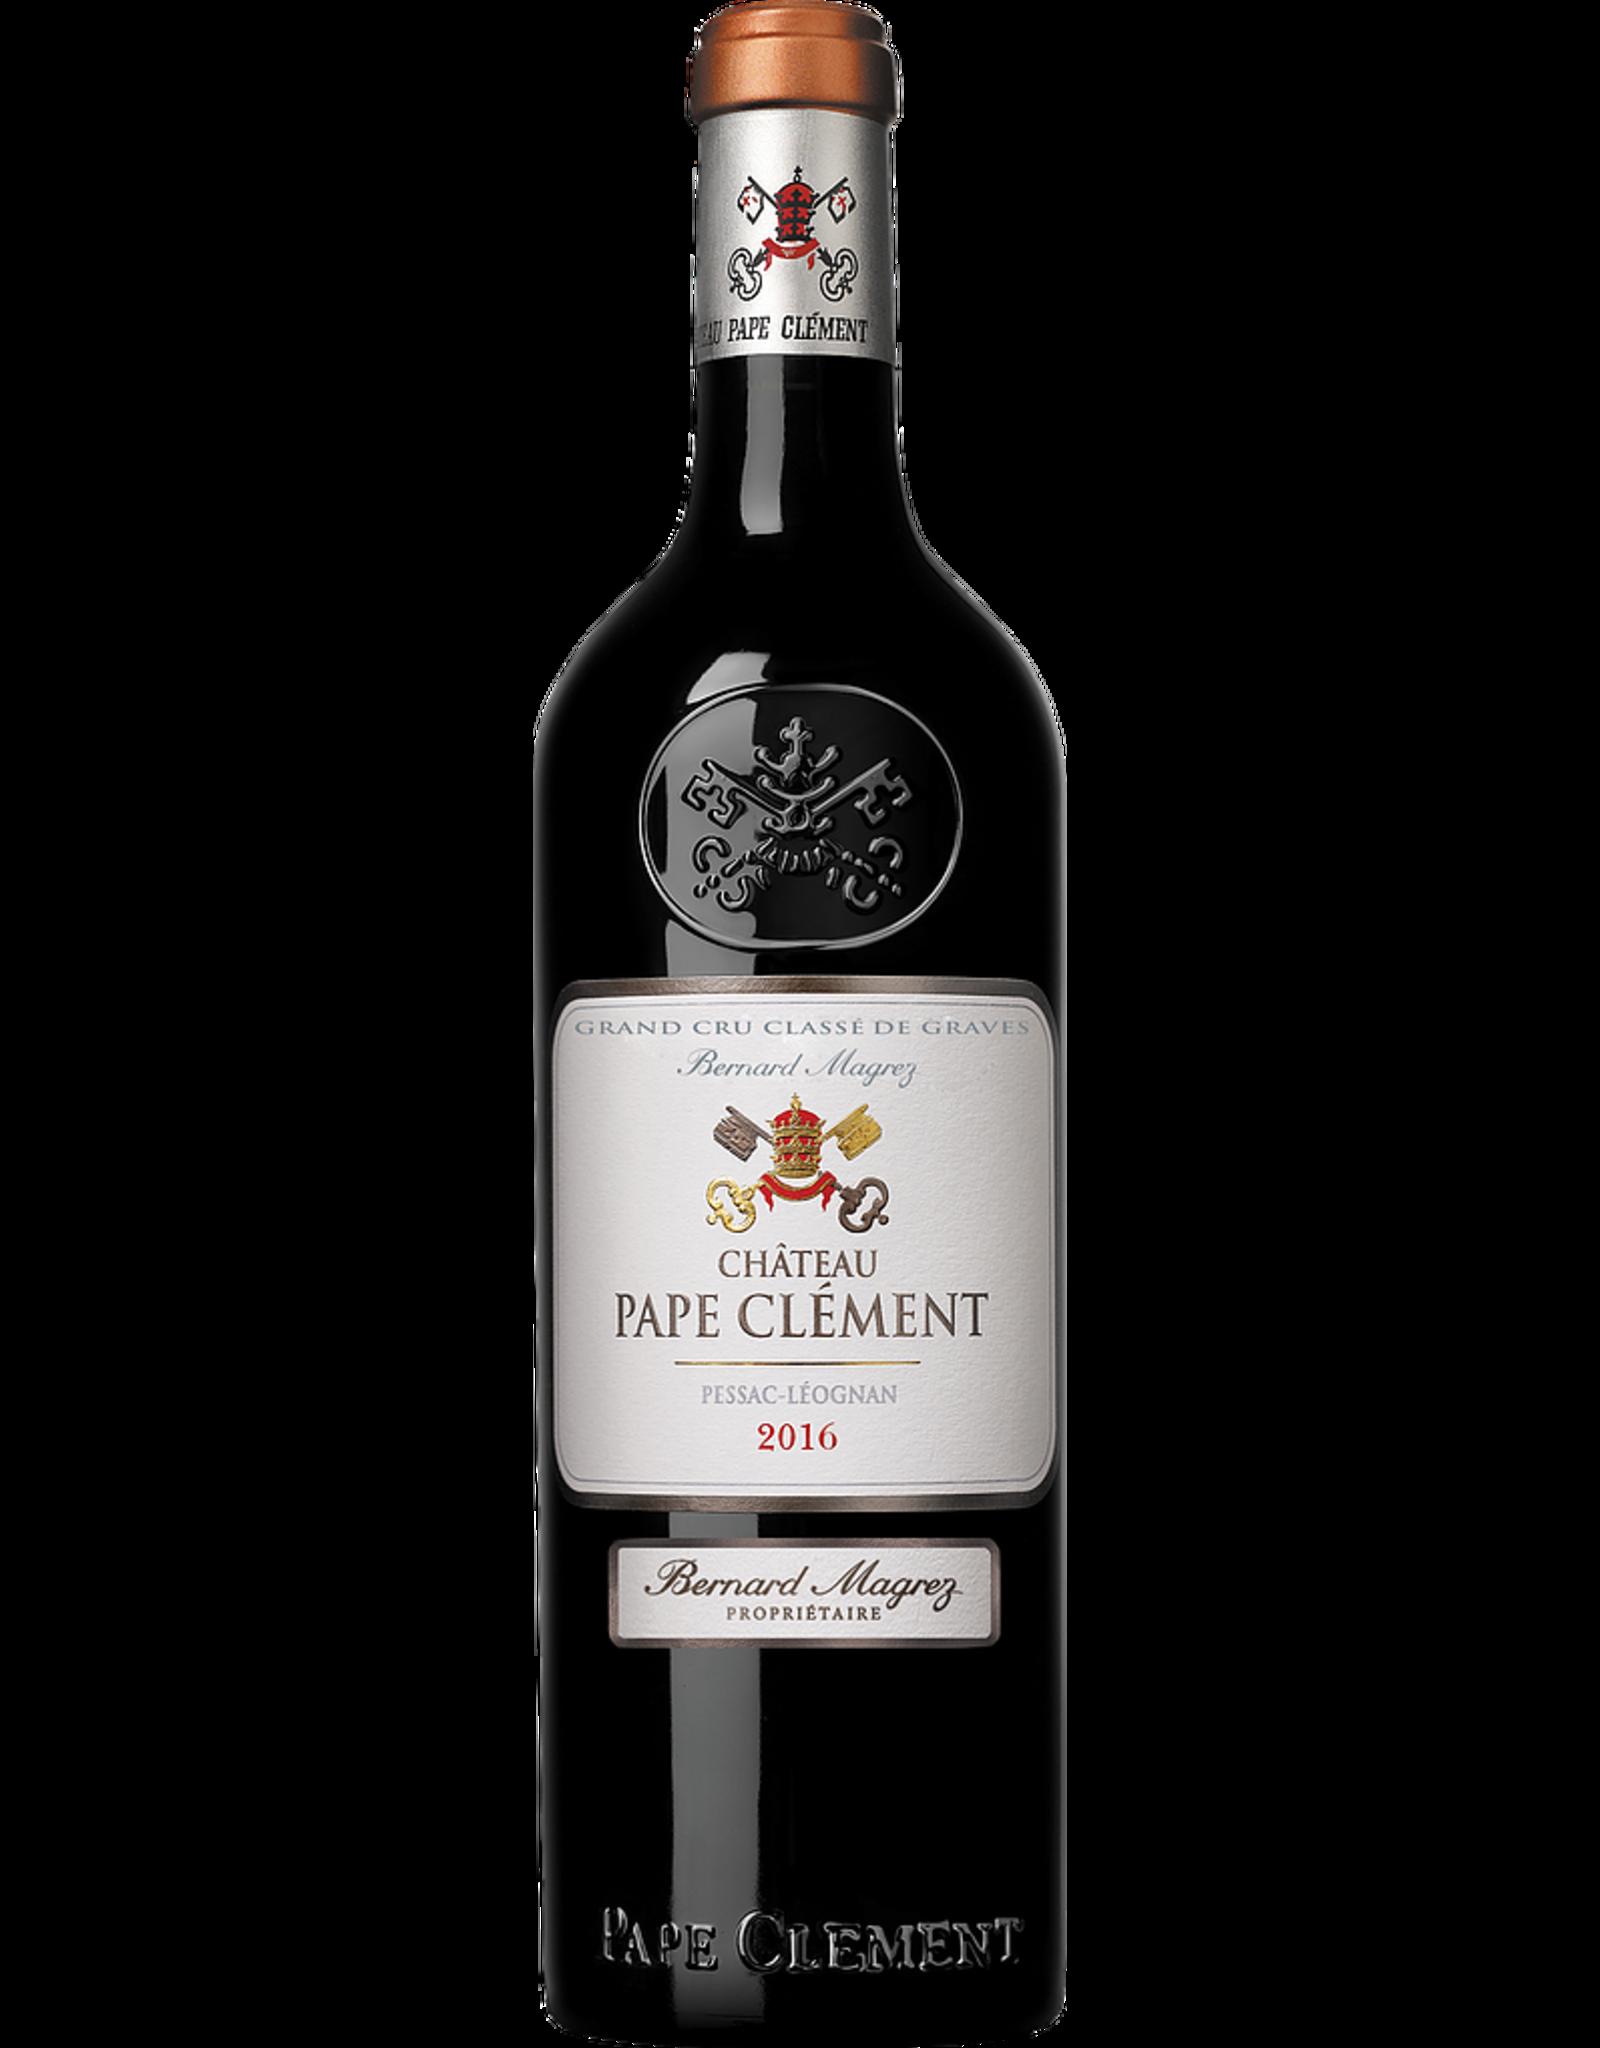 Château Pape Clément Château Pape Clément rouge 2016 - Pessac-Léognan